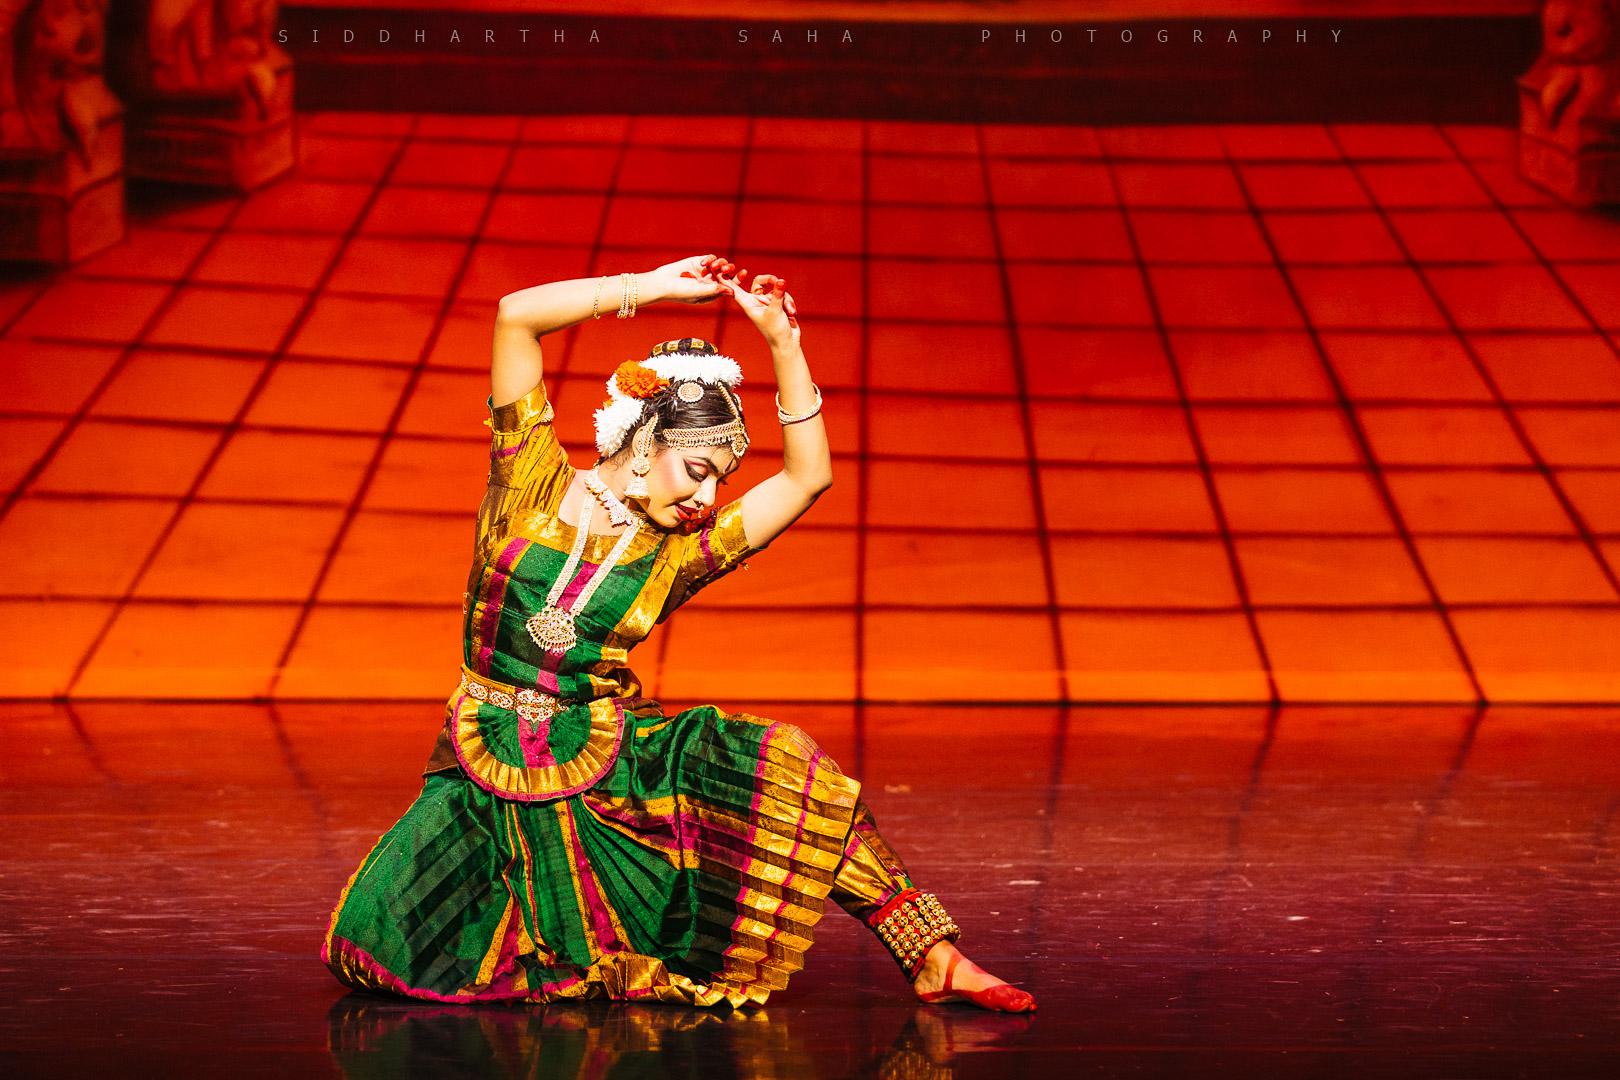 2015-09-06 - Riya Arangetram - _05Y9656